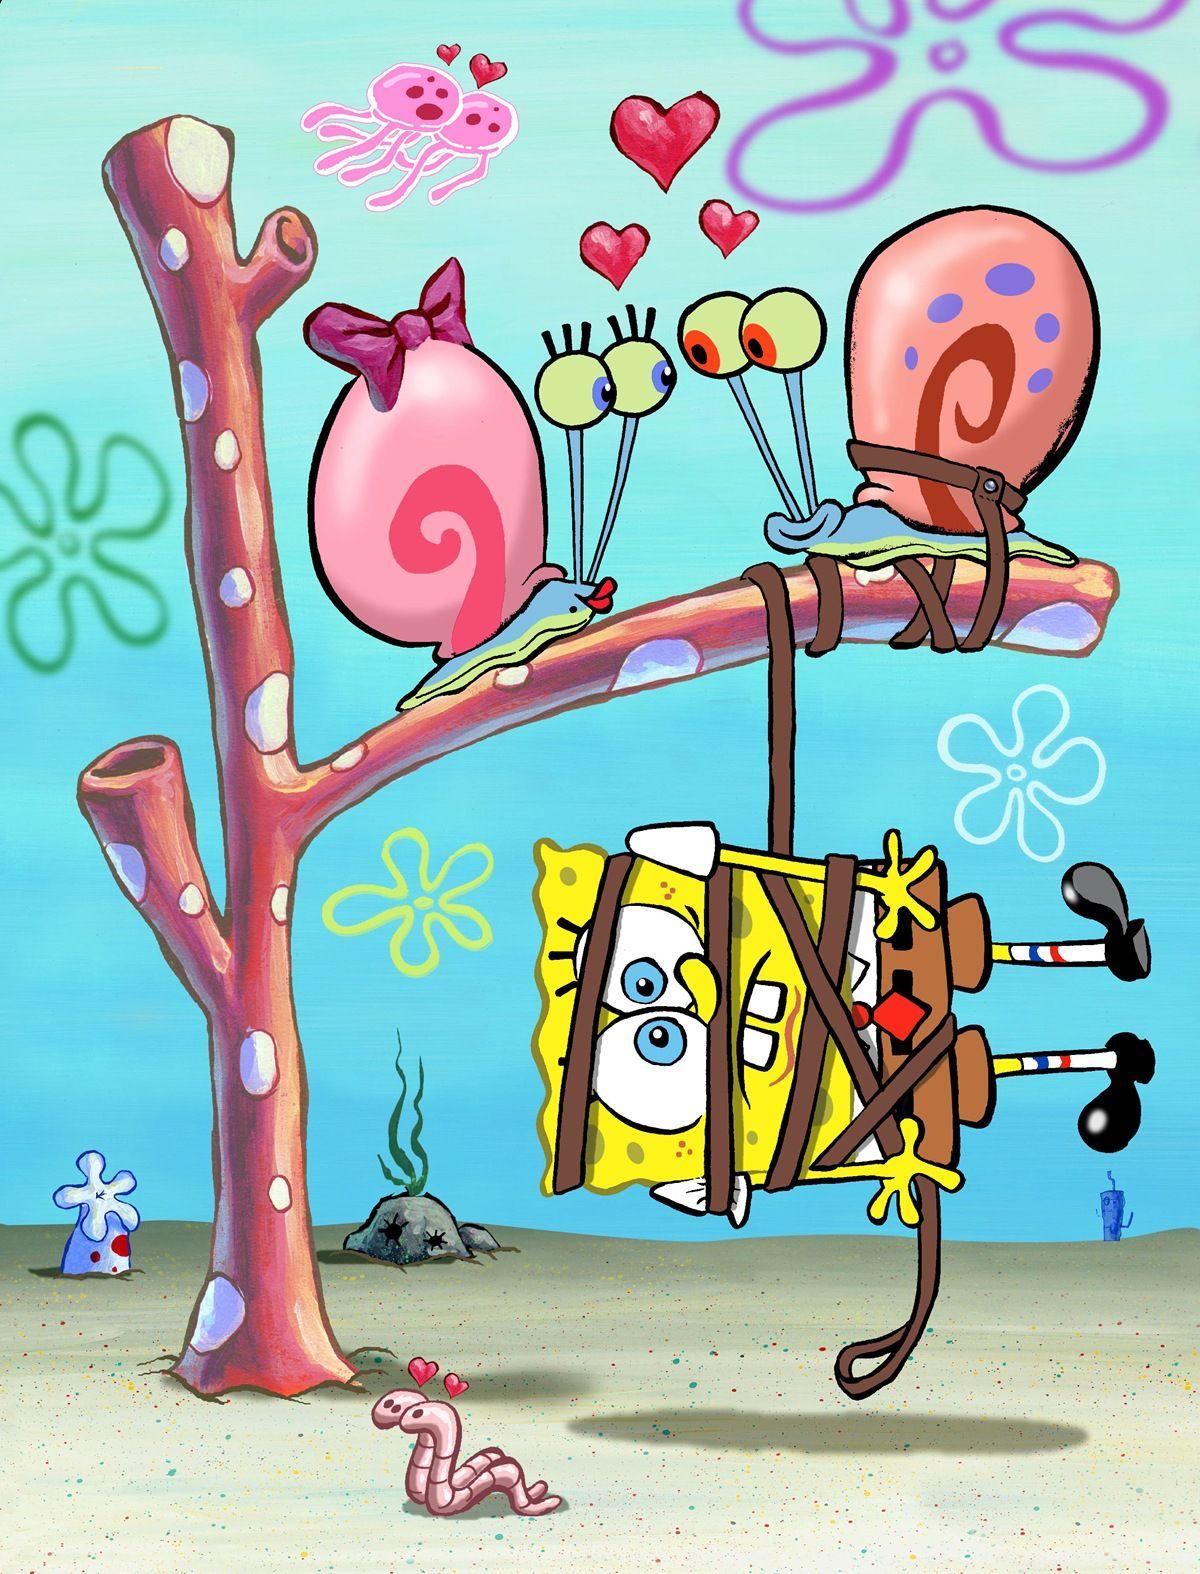 curiosidades sobre o desenho u201cbob esponja u201d spongebob cartoon